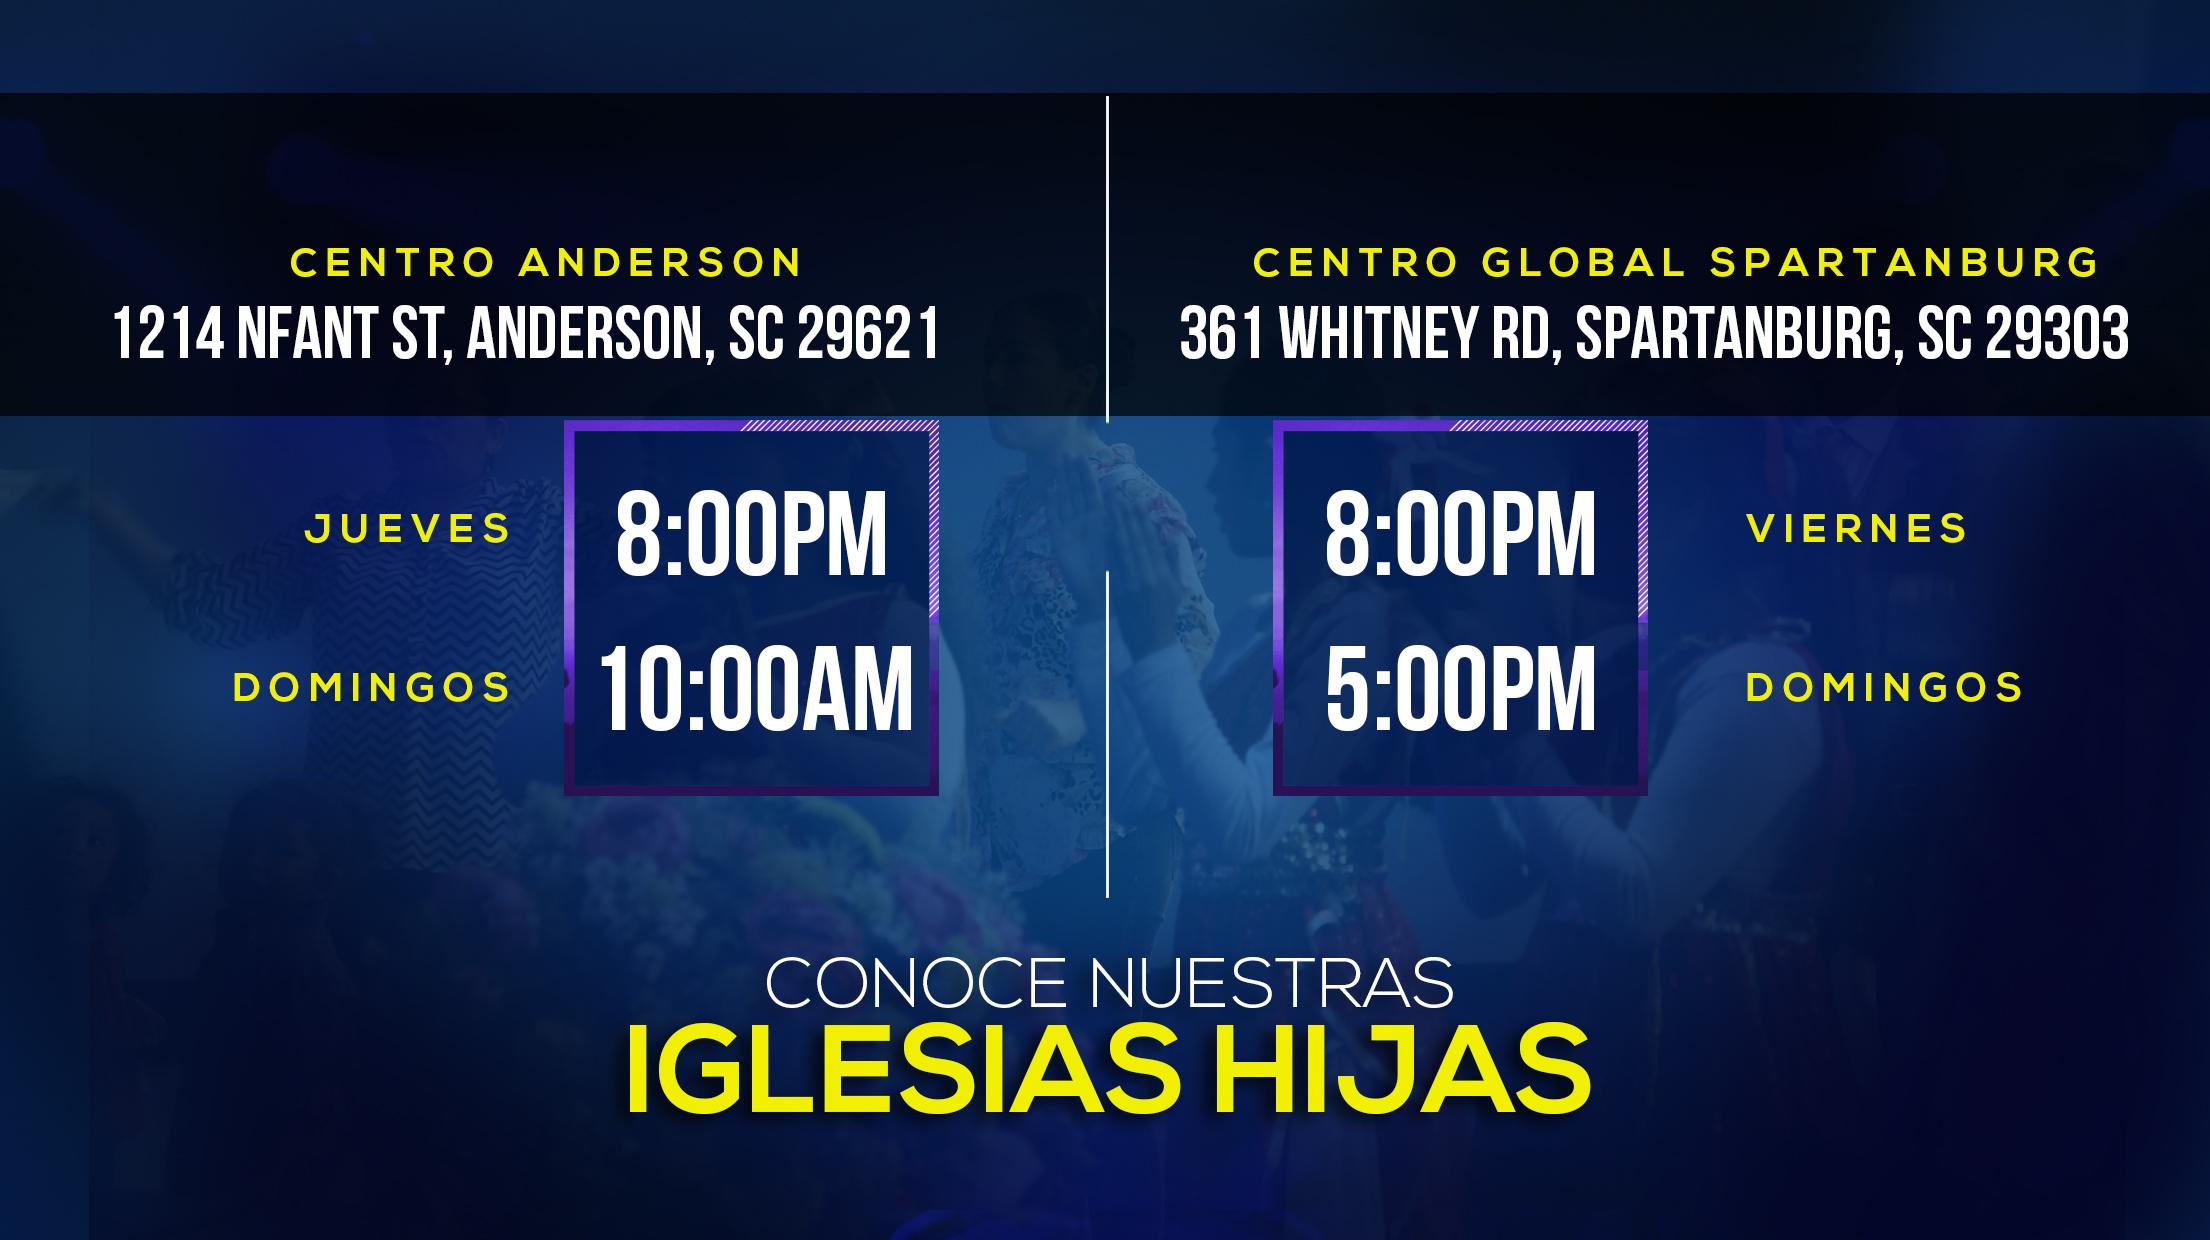 Centro Global de Avivamiento -  Iglesias Hijas